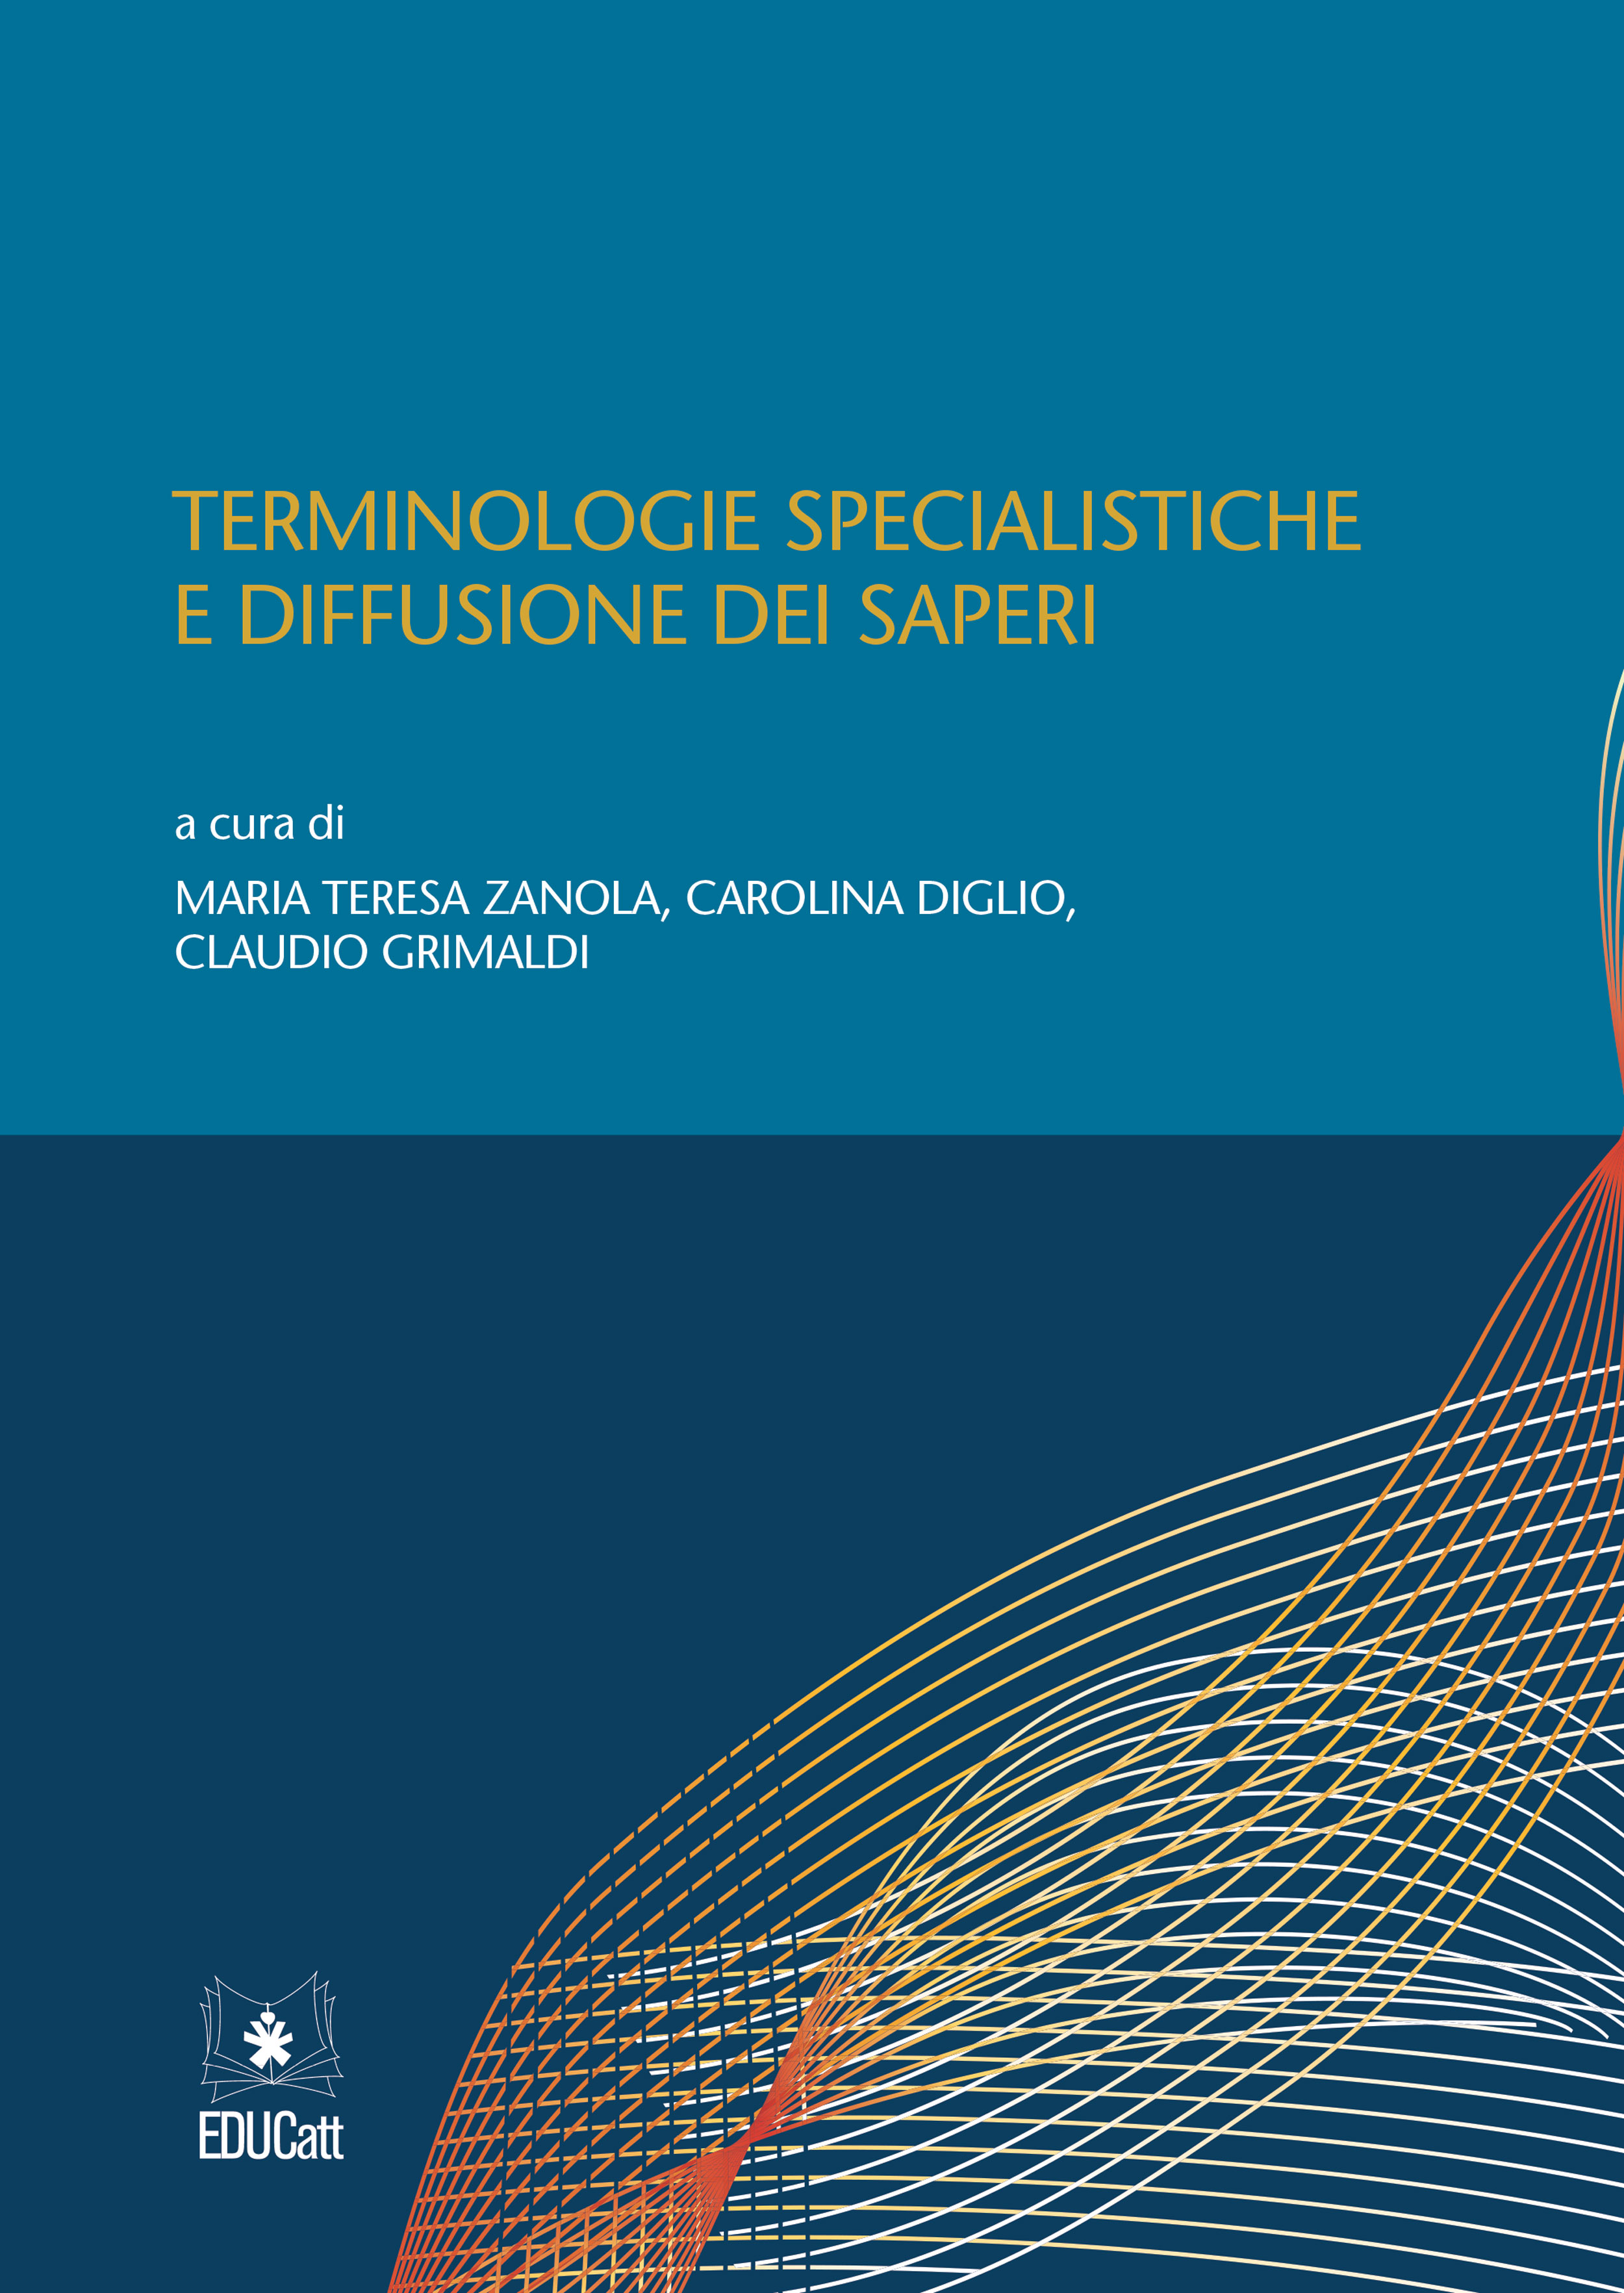 TERMINOLOGIE SPECIALISTICHE E DIFFUSIONE DEI SAPERI